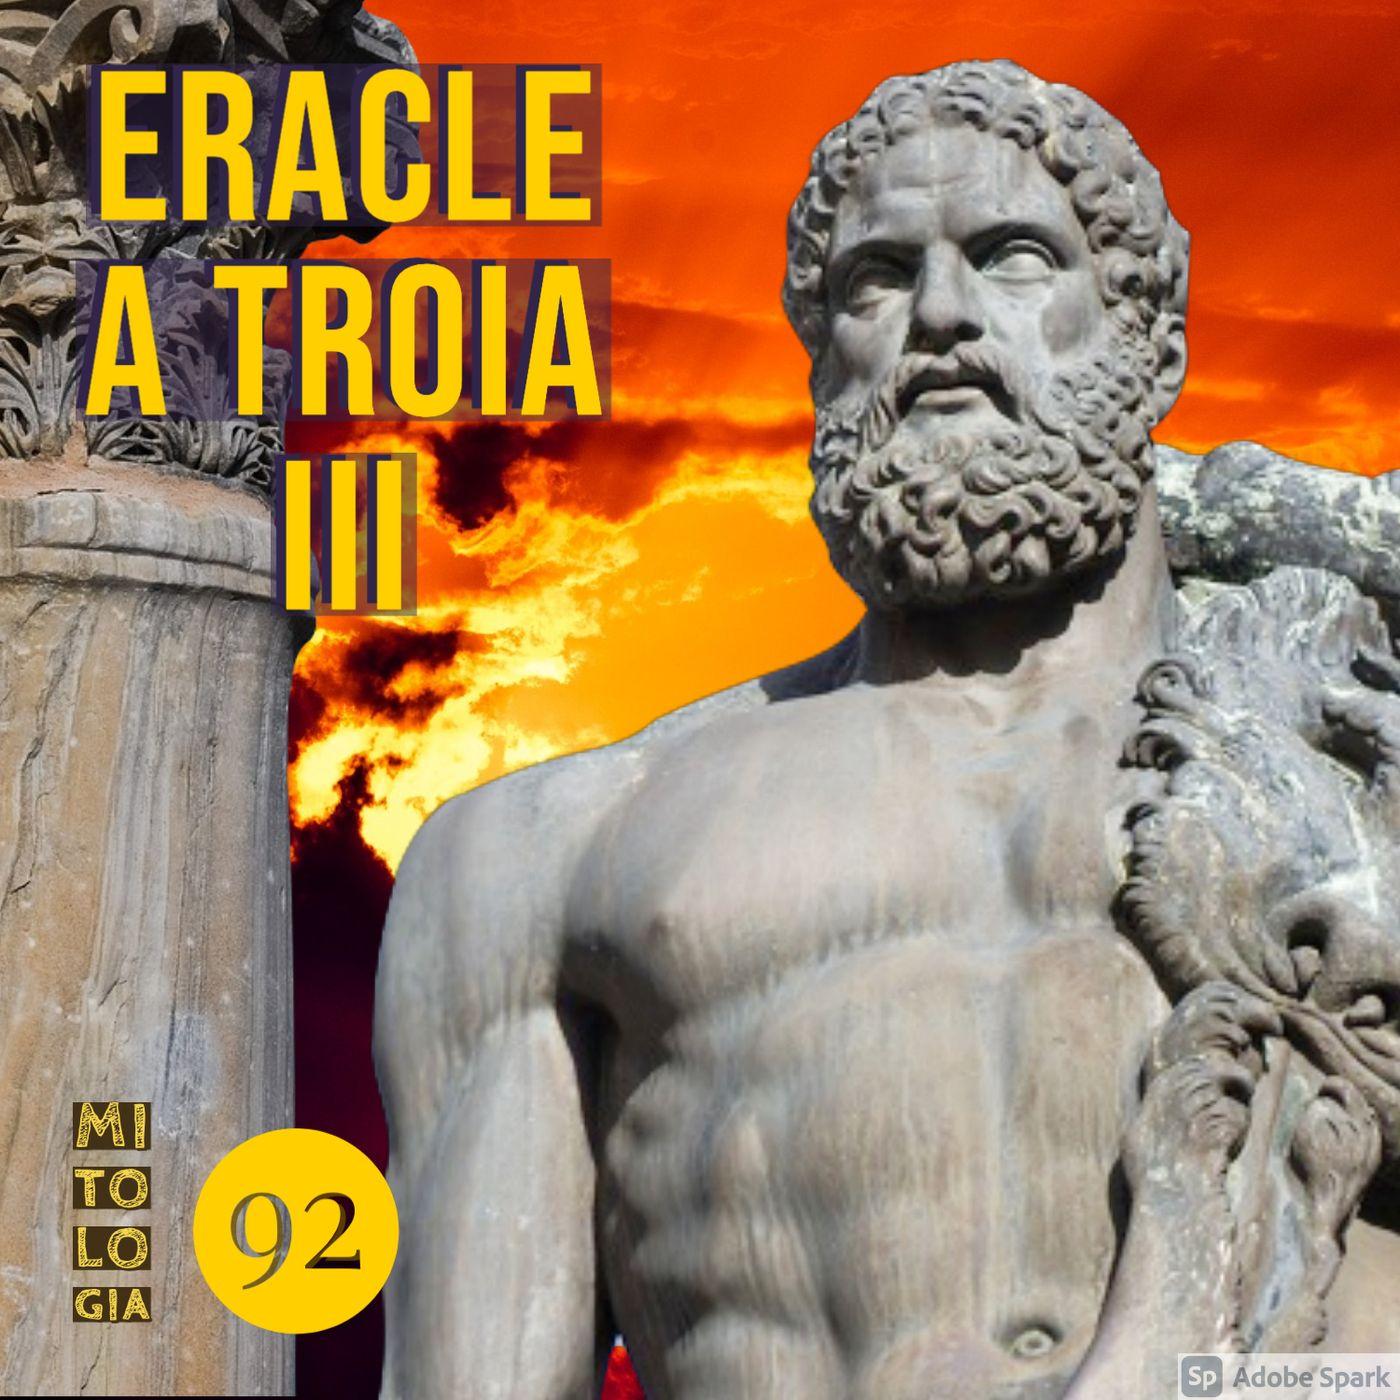 Eracle a Troia III - La vendetta dell'eroe